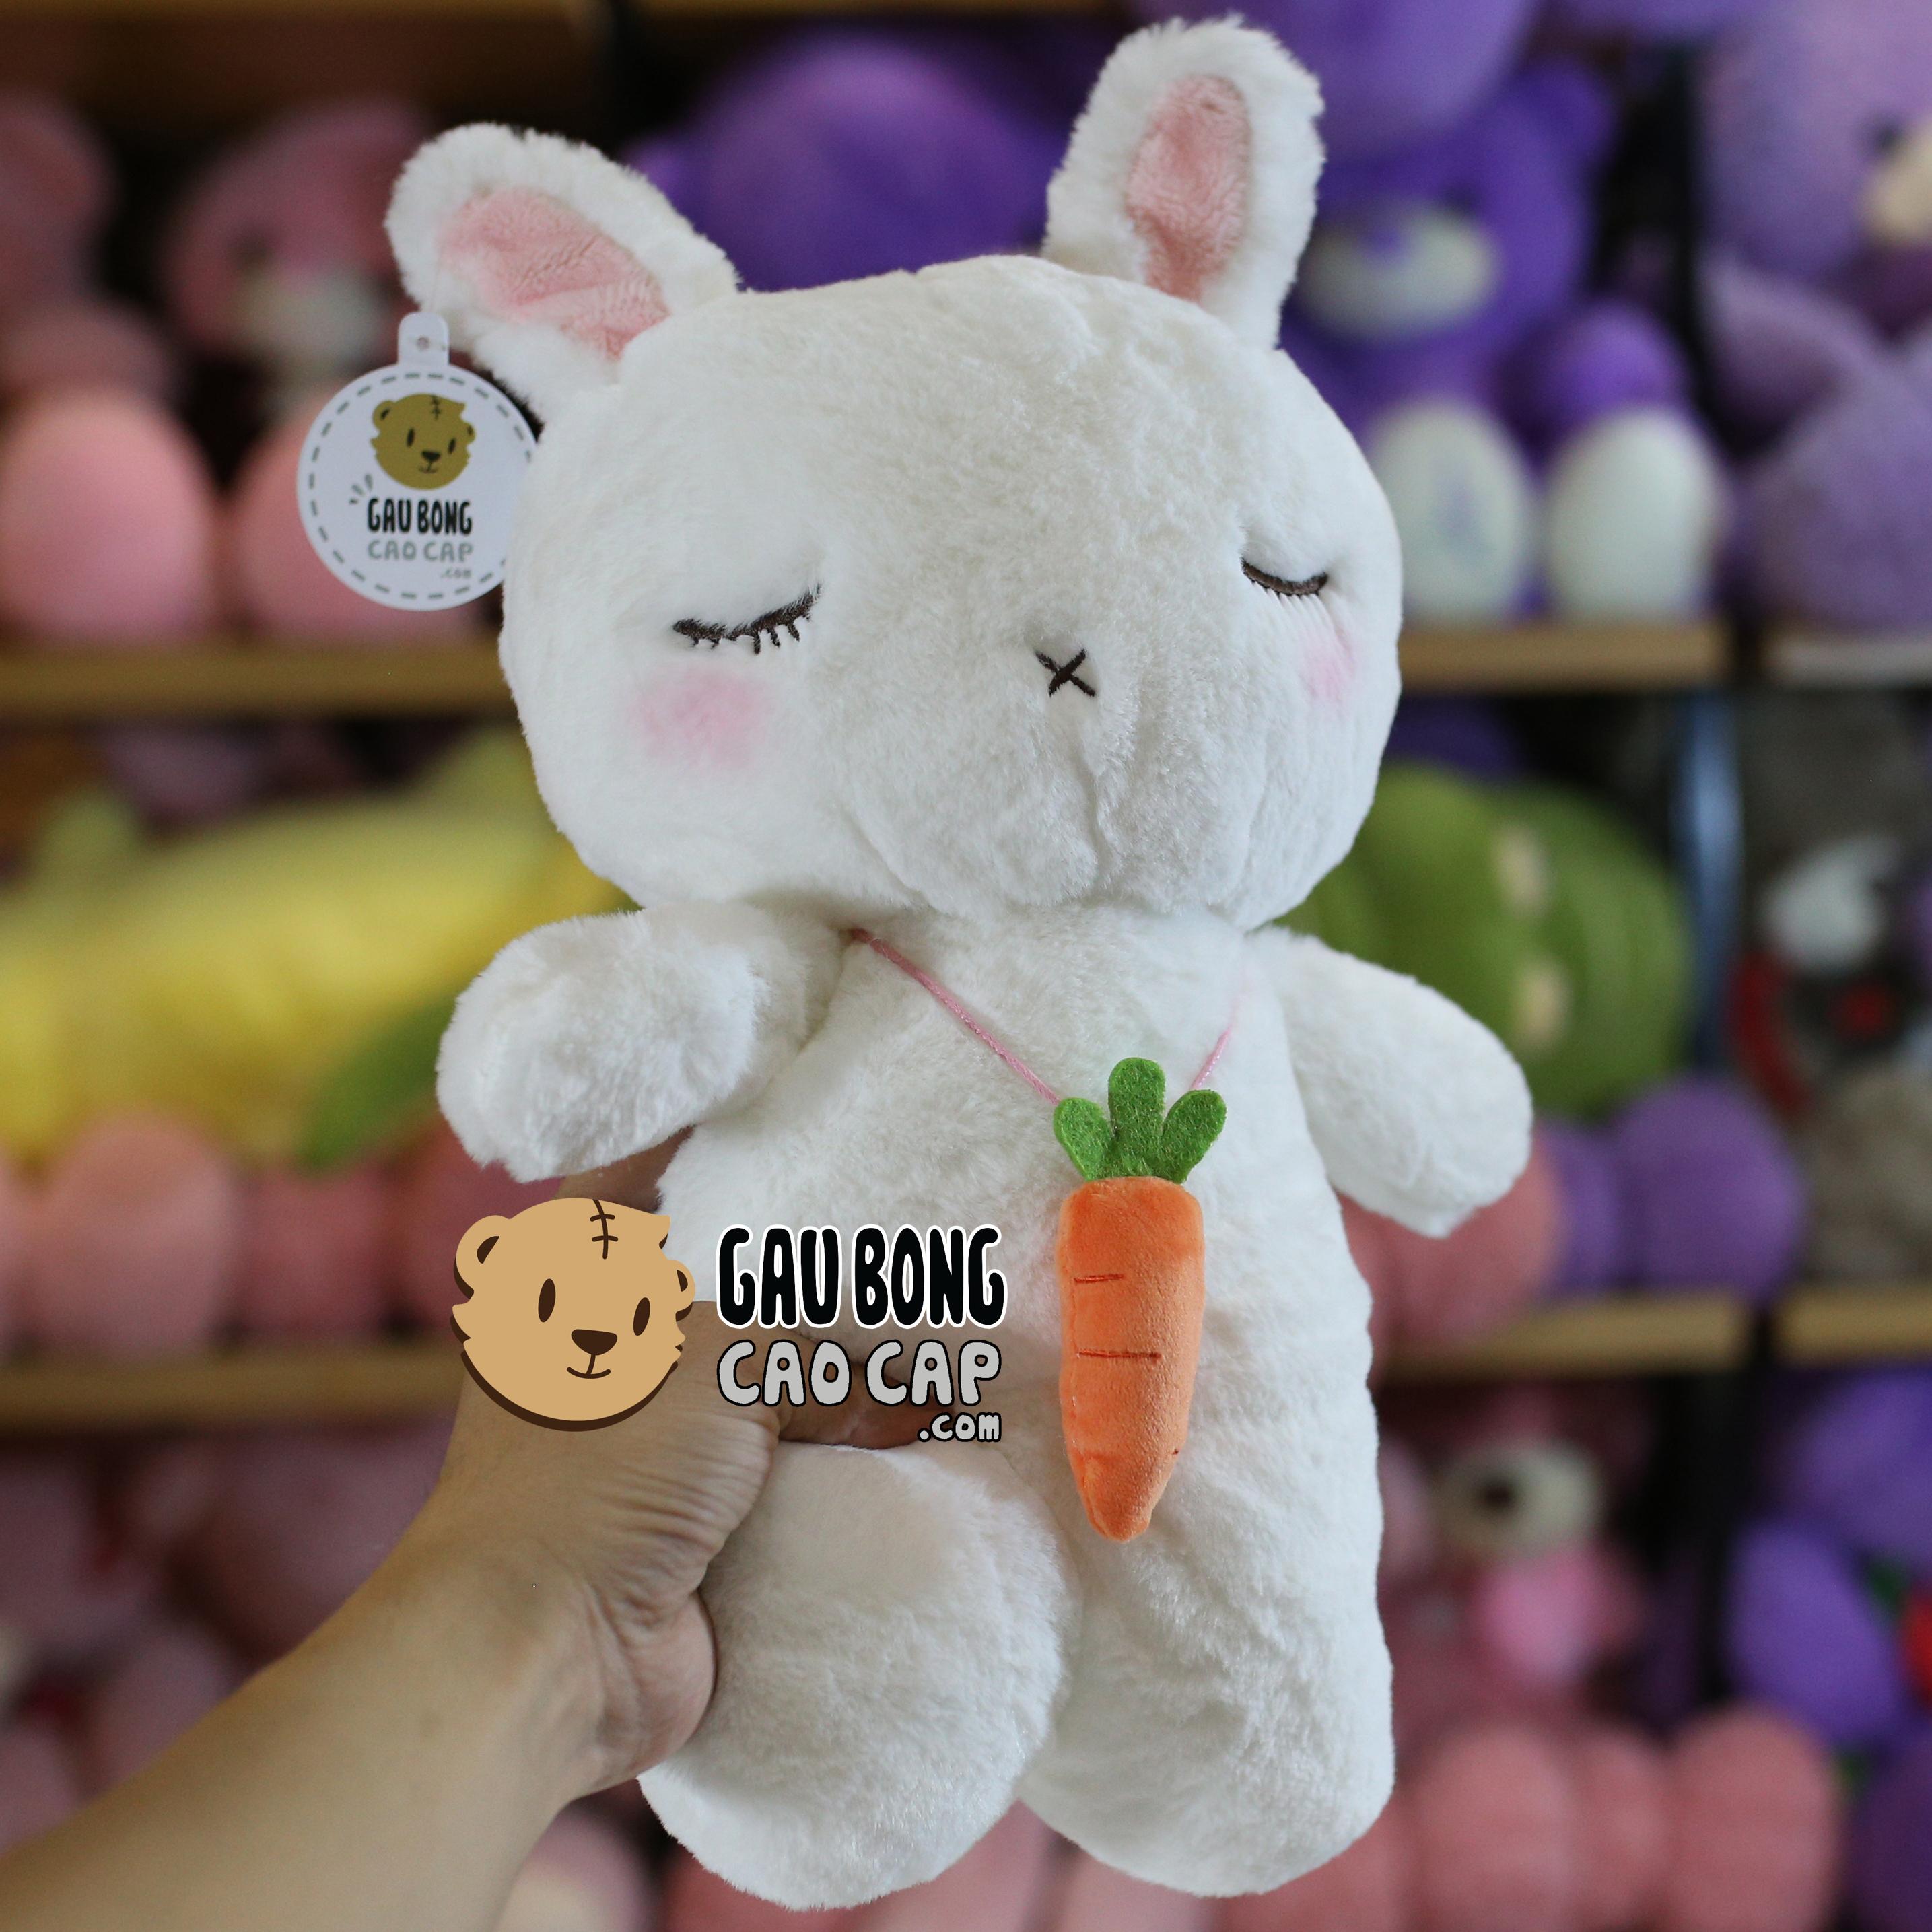 Thỏ Bông đeo dây chuyền Cà Rốt